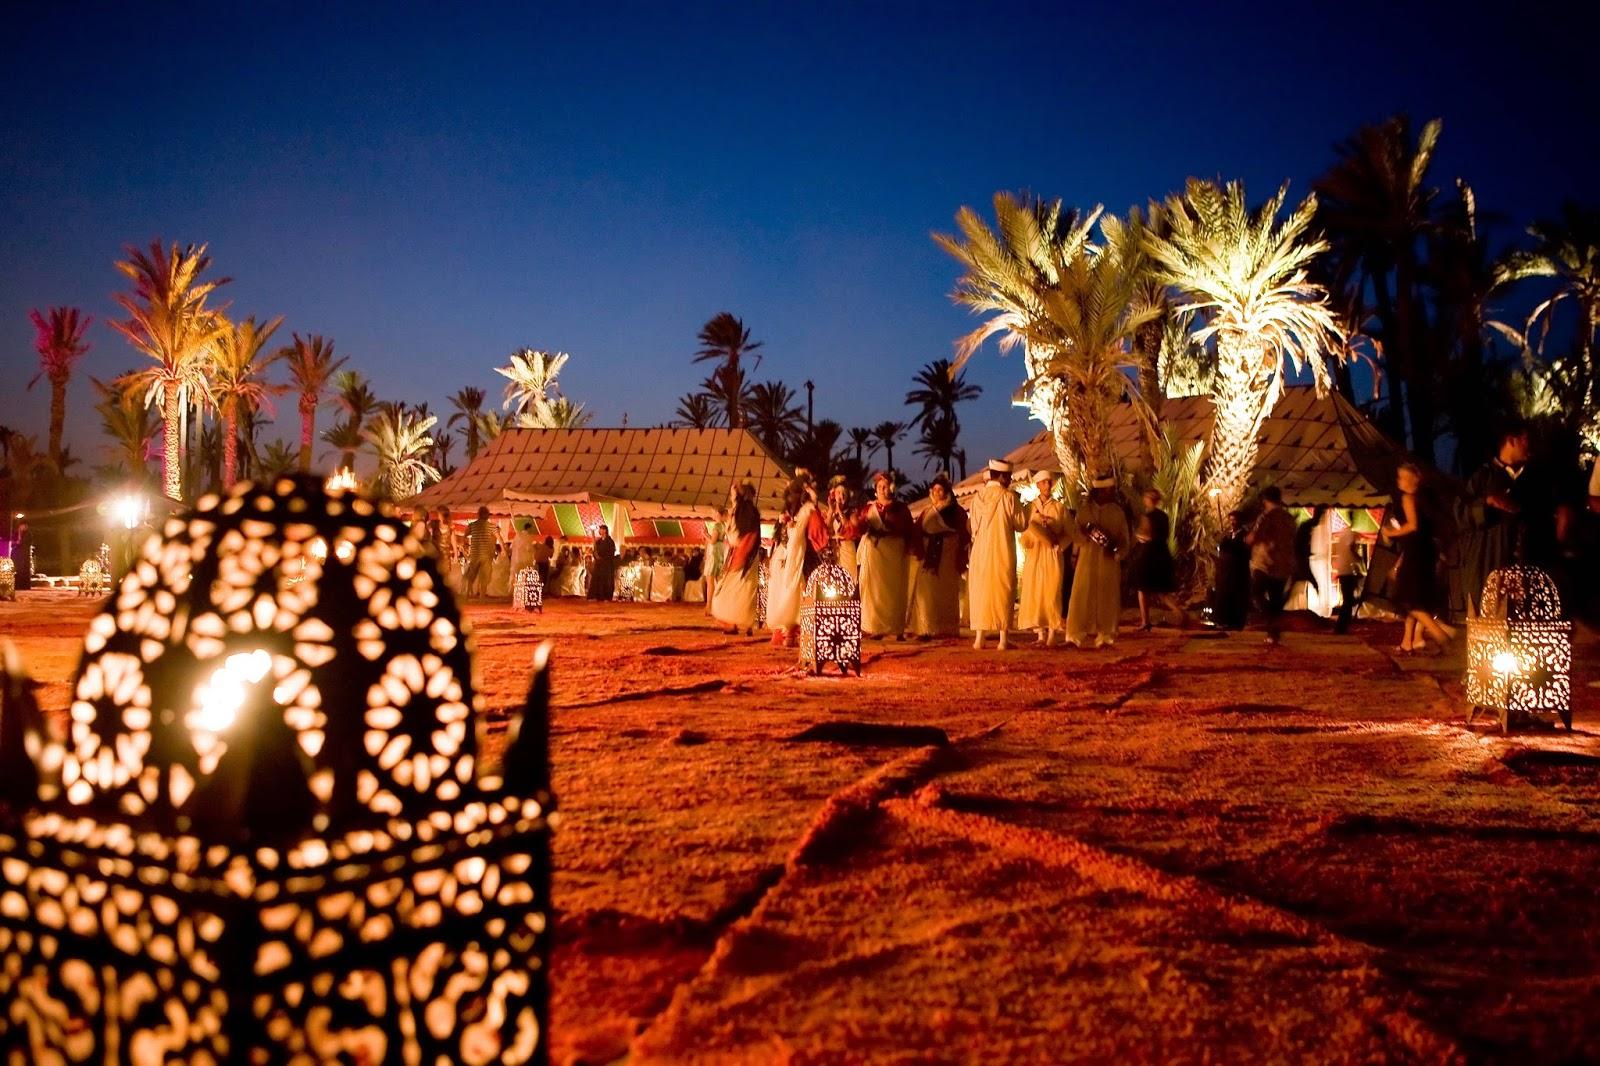 http://3.bp.blogspot.com/-oVSlE4Z3esM/VYqwMVzYoDI/AAAAAAAAAug/Q0x-_8YaA4w/s1600/unique-marrakech-45.jpg